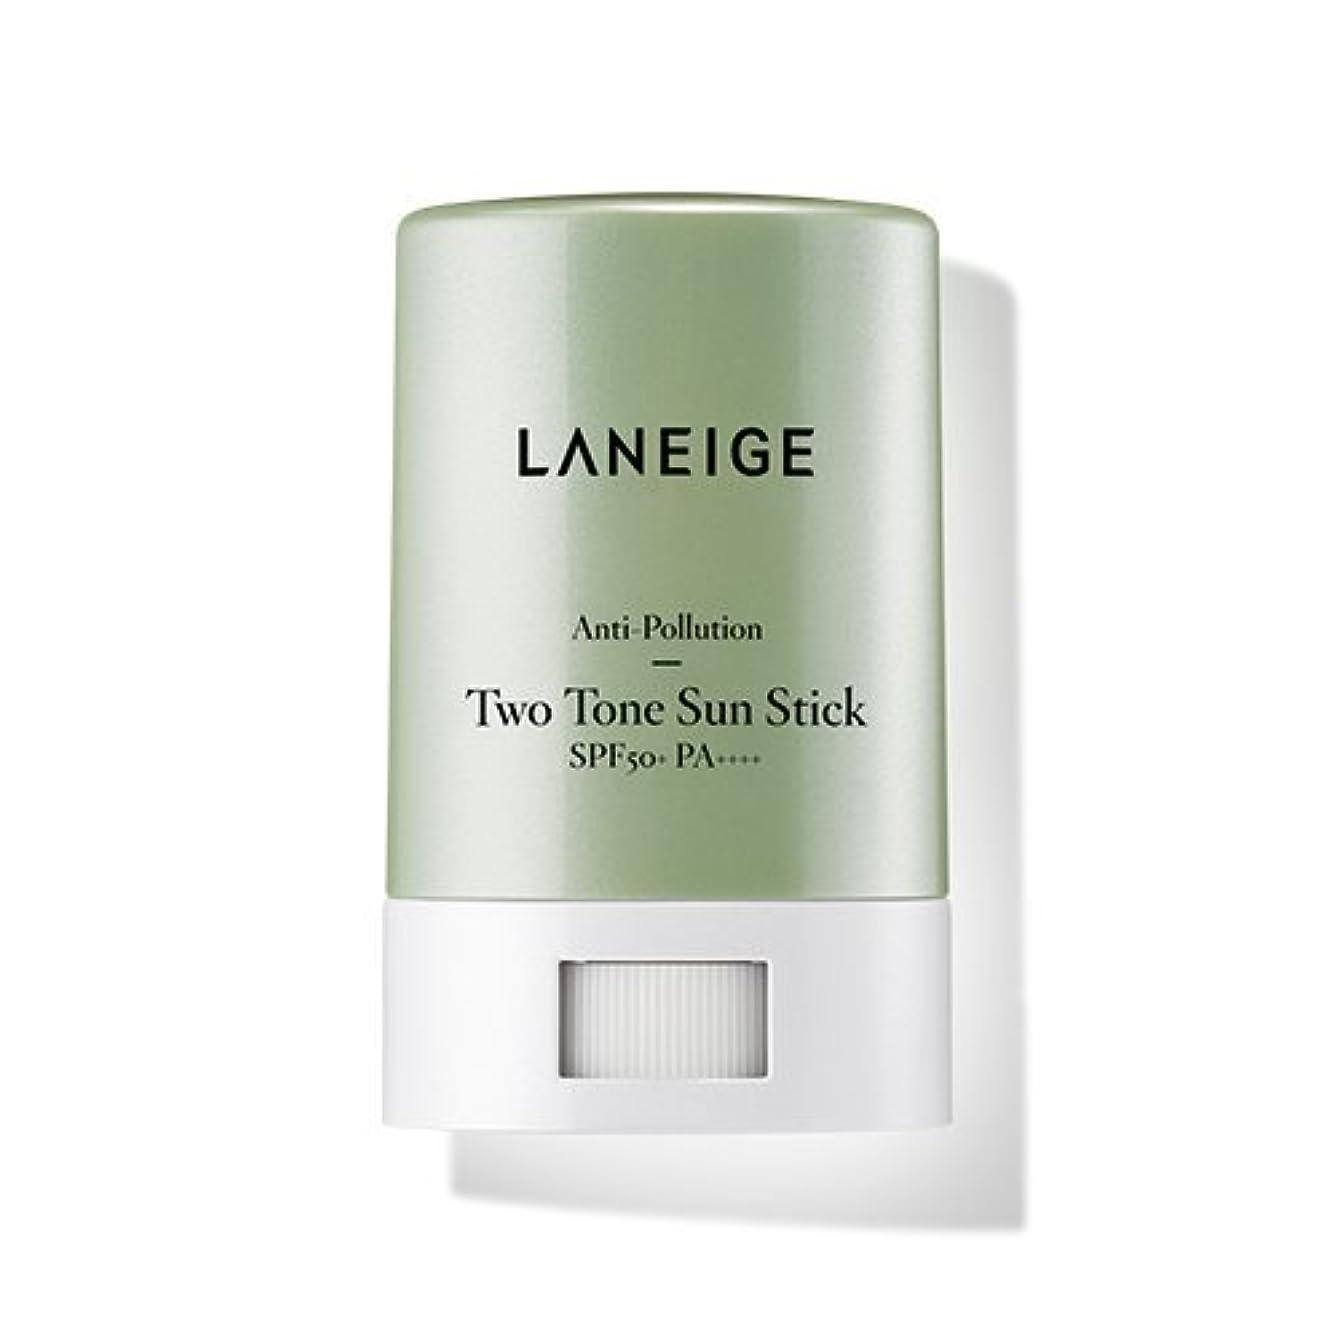 ラネージュ(LANEIGE) アンチポリューション?サンスティック Anti-Pollution Sun Stick SPF50 PA++++ 18g